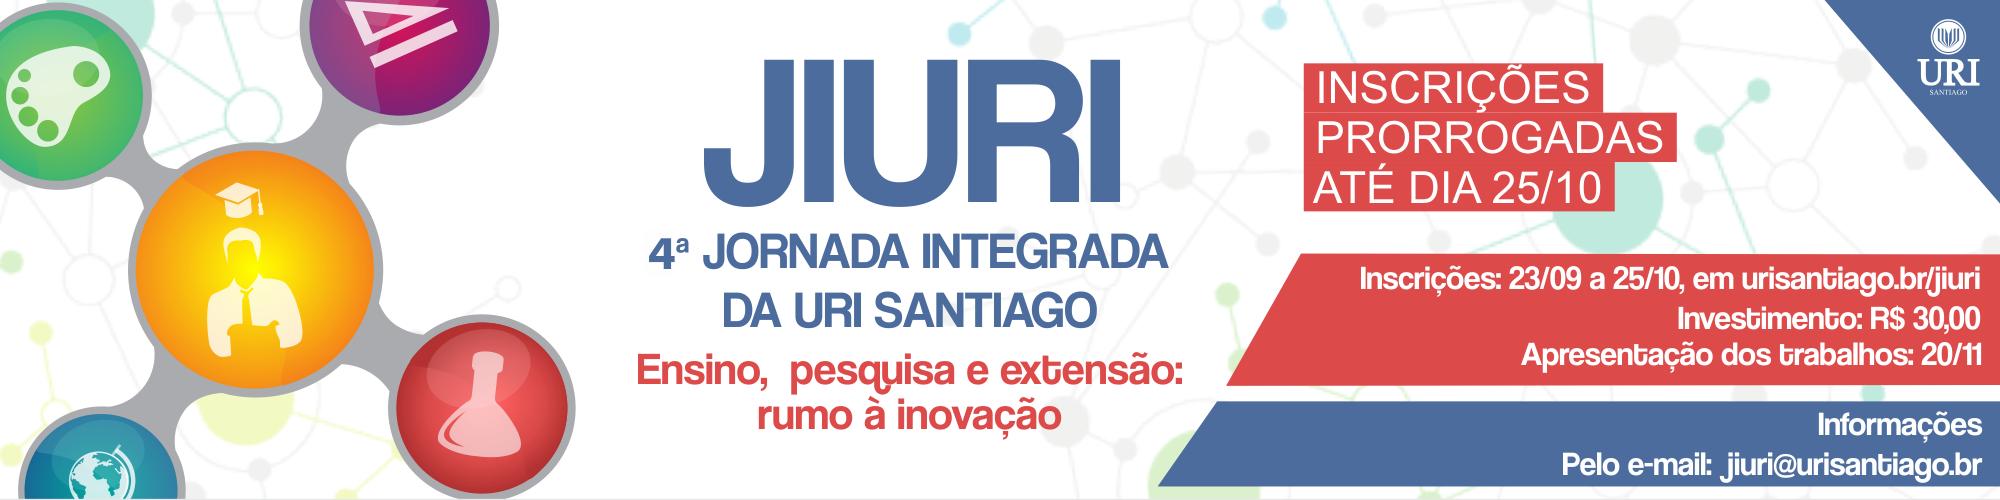 JIURI